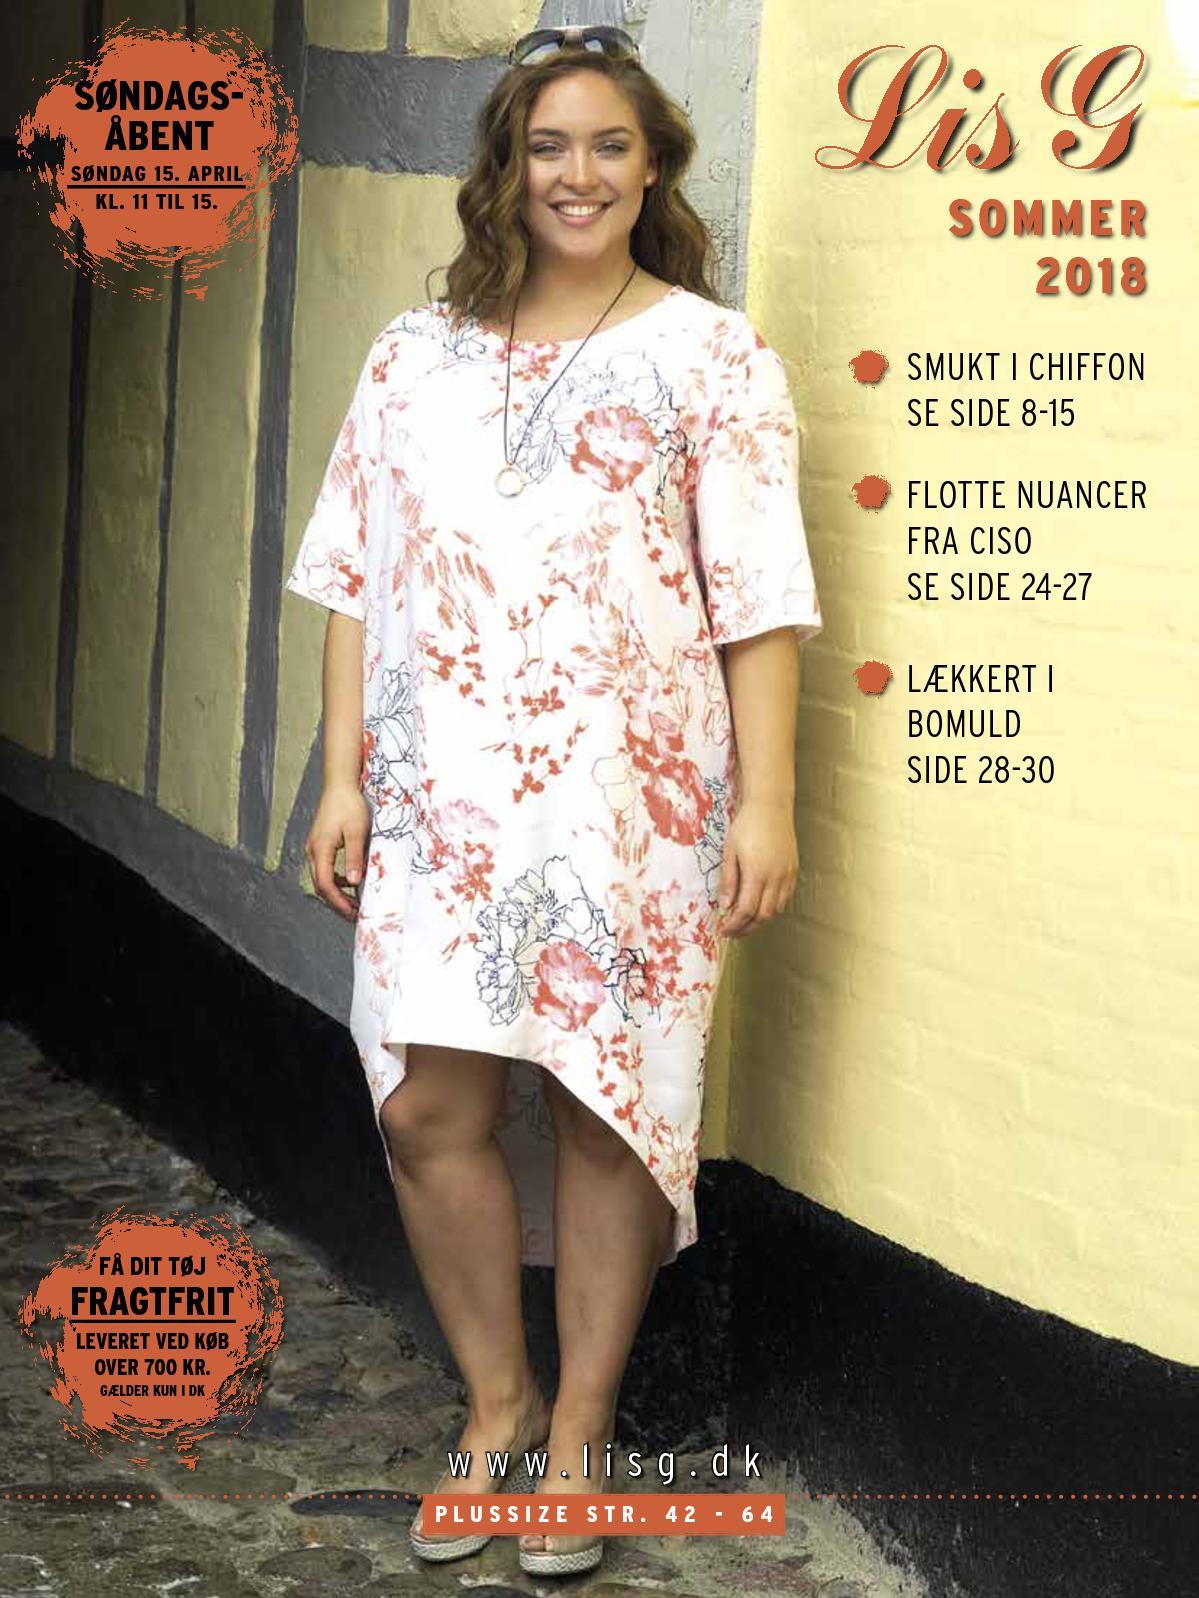 8385ba3953e0 Calaméo - Lis G Plus Size Summer 2018